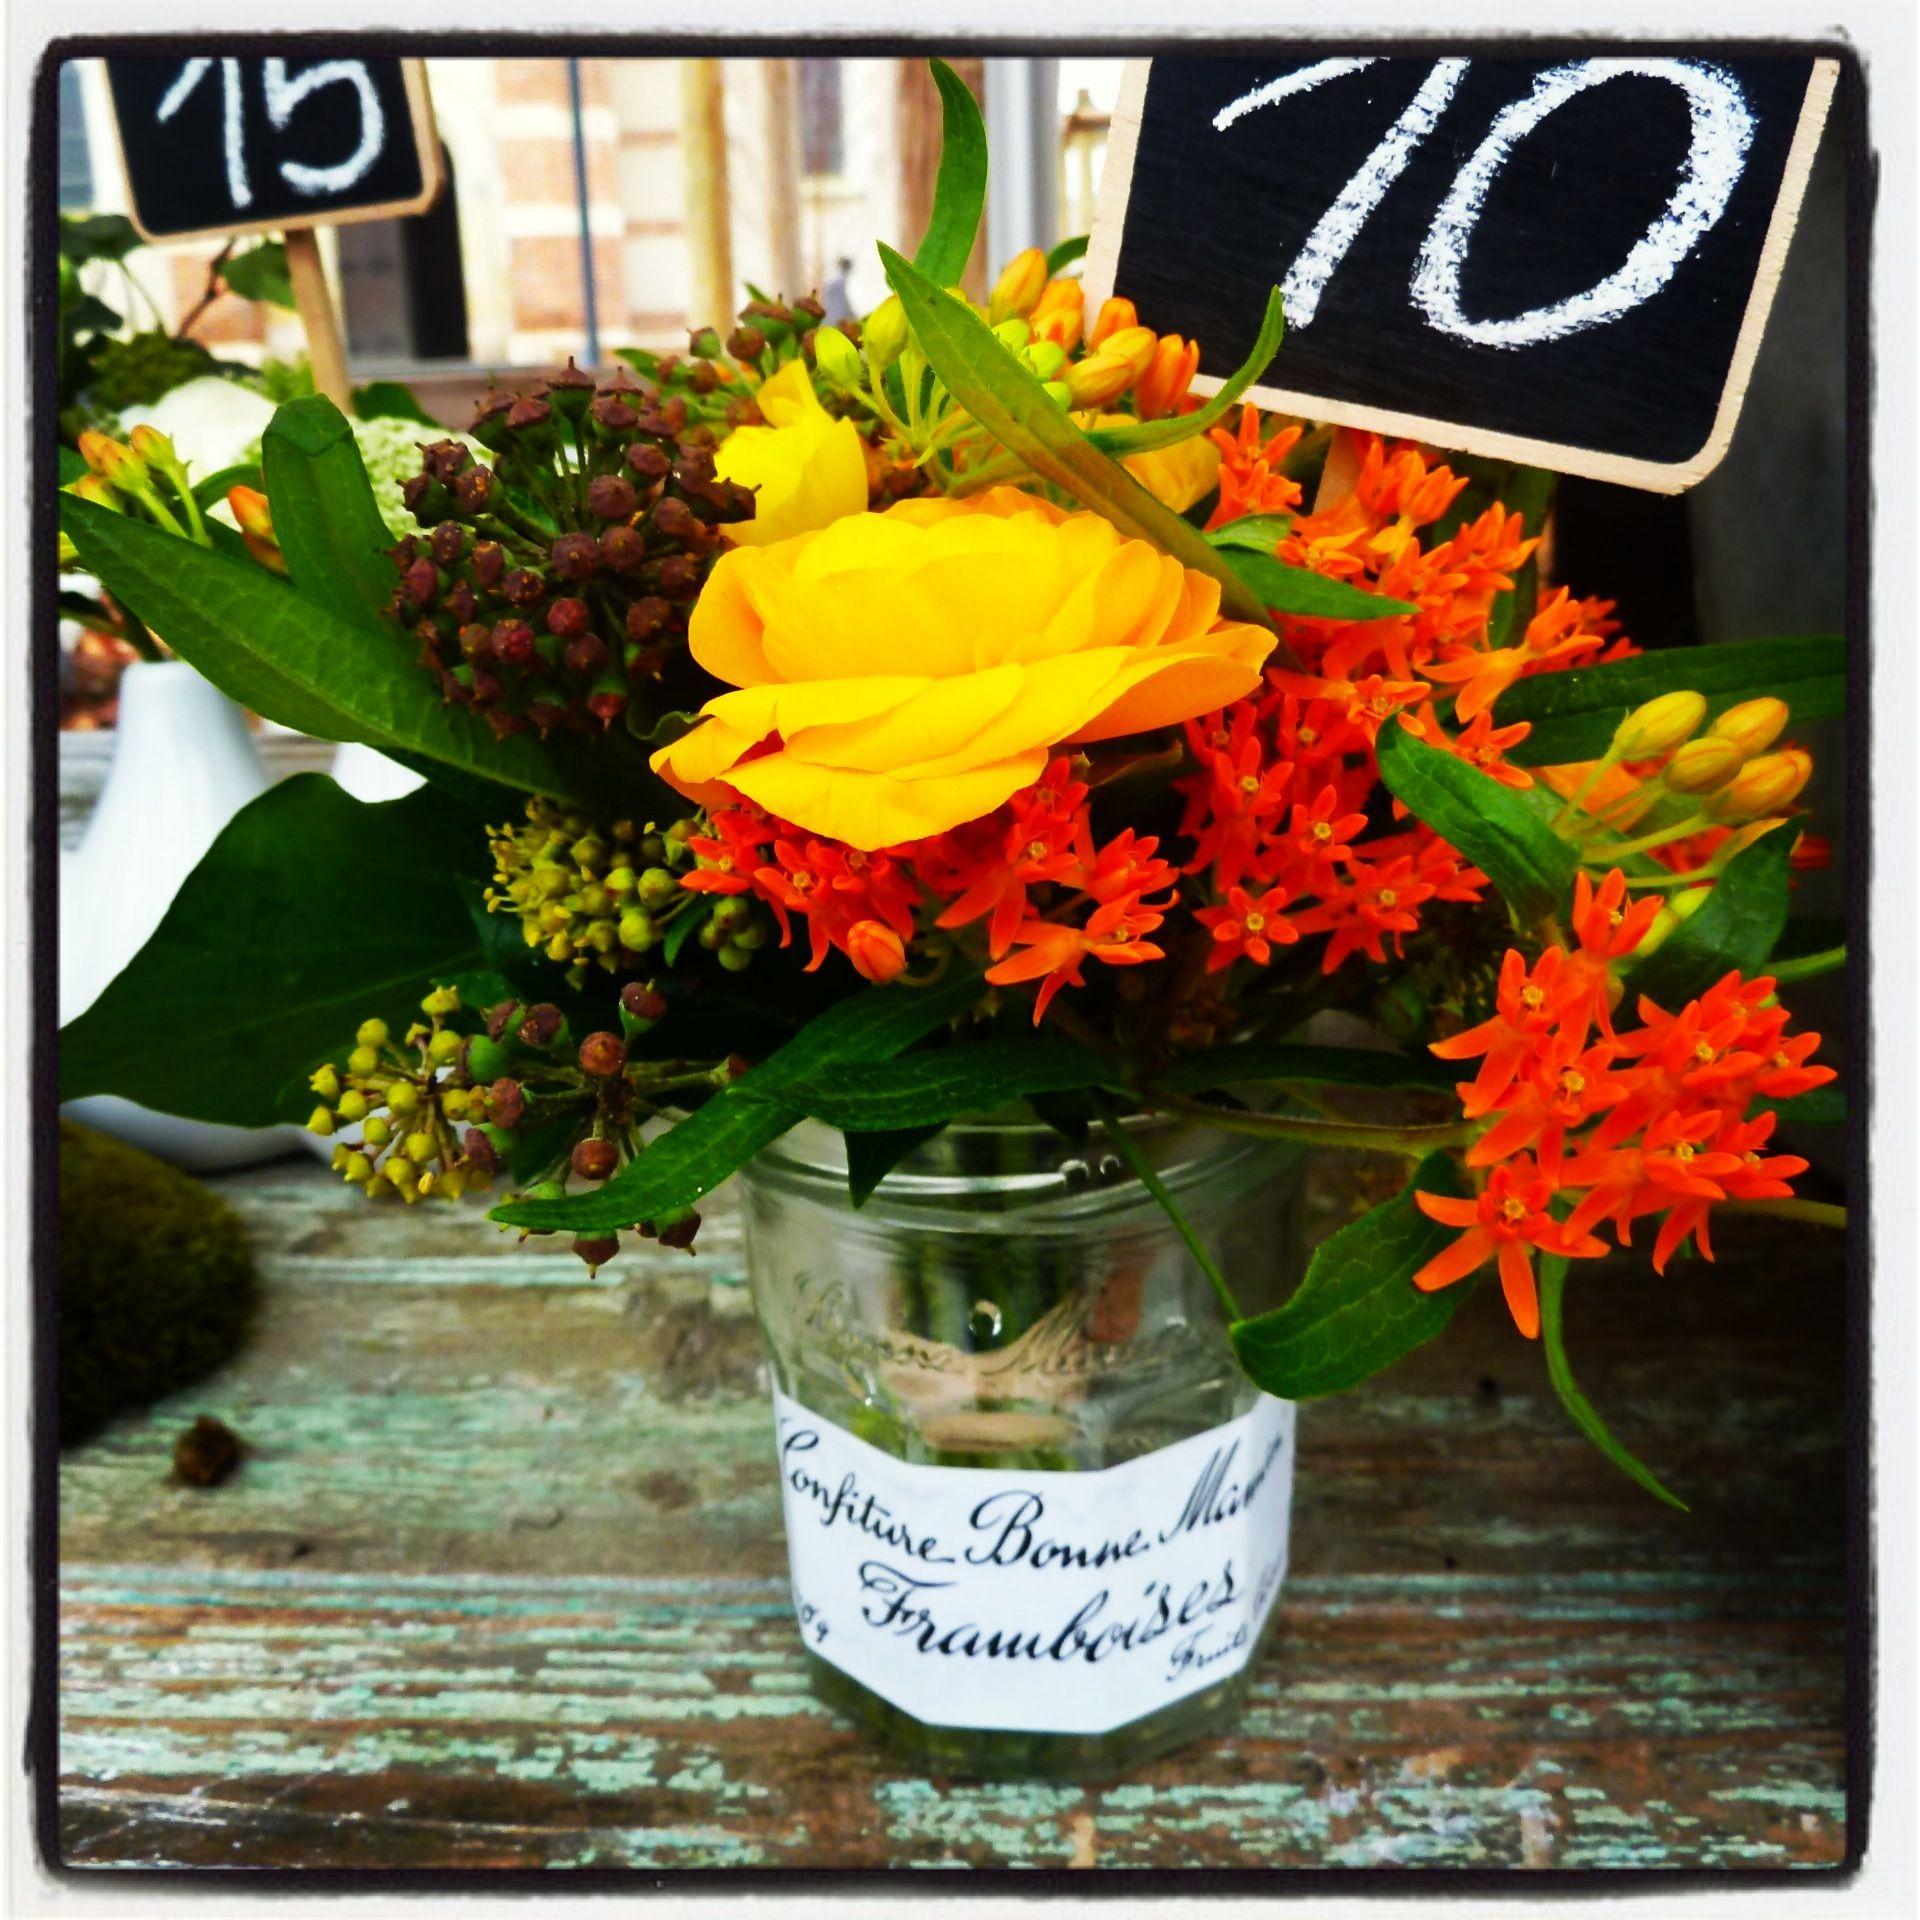 Bouquet jaune orang cr ation la fille aux chaussures vertes d coration florale mariage - Decoration florale evenementiel ...